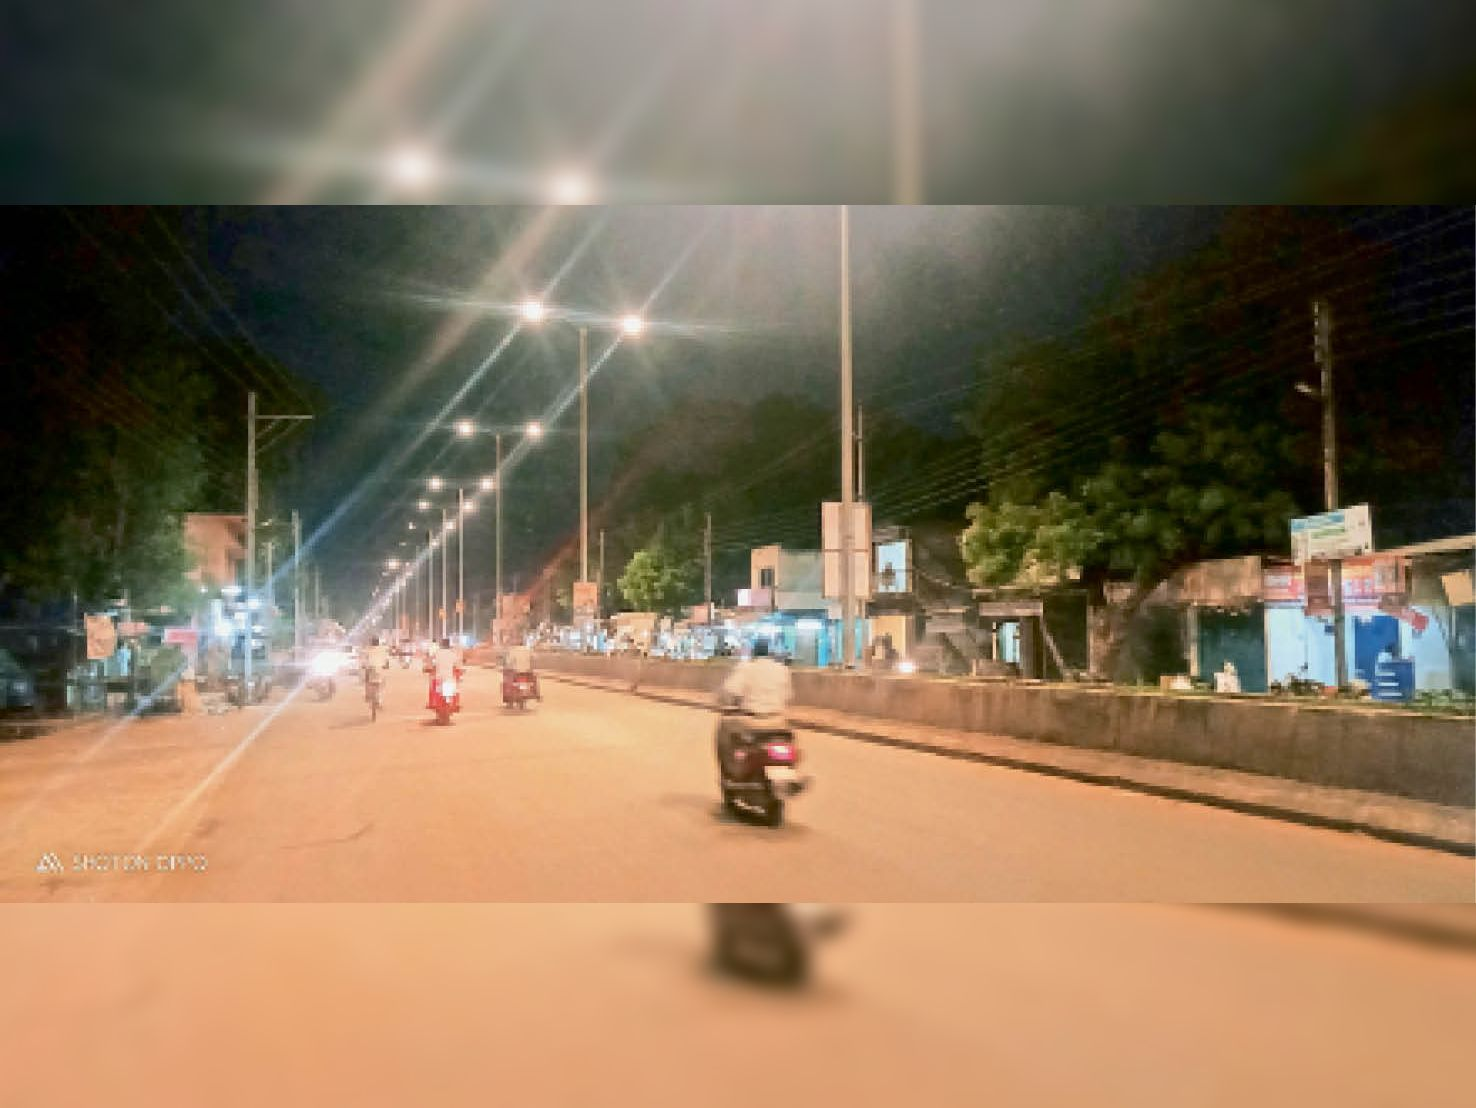 लाइट जलने के बाद मुख्य सड़क जगमगाई। - Dainik Bhaskar